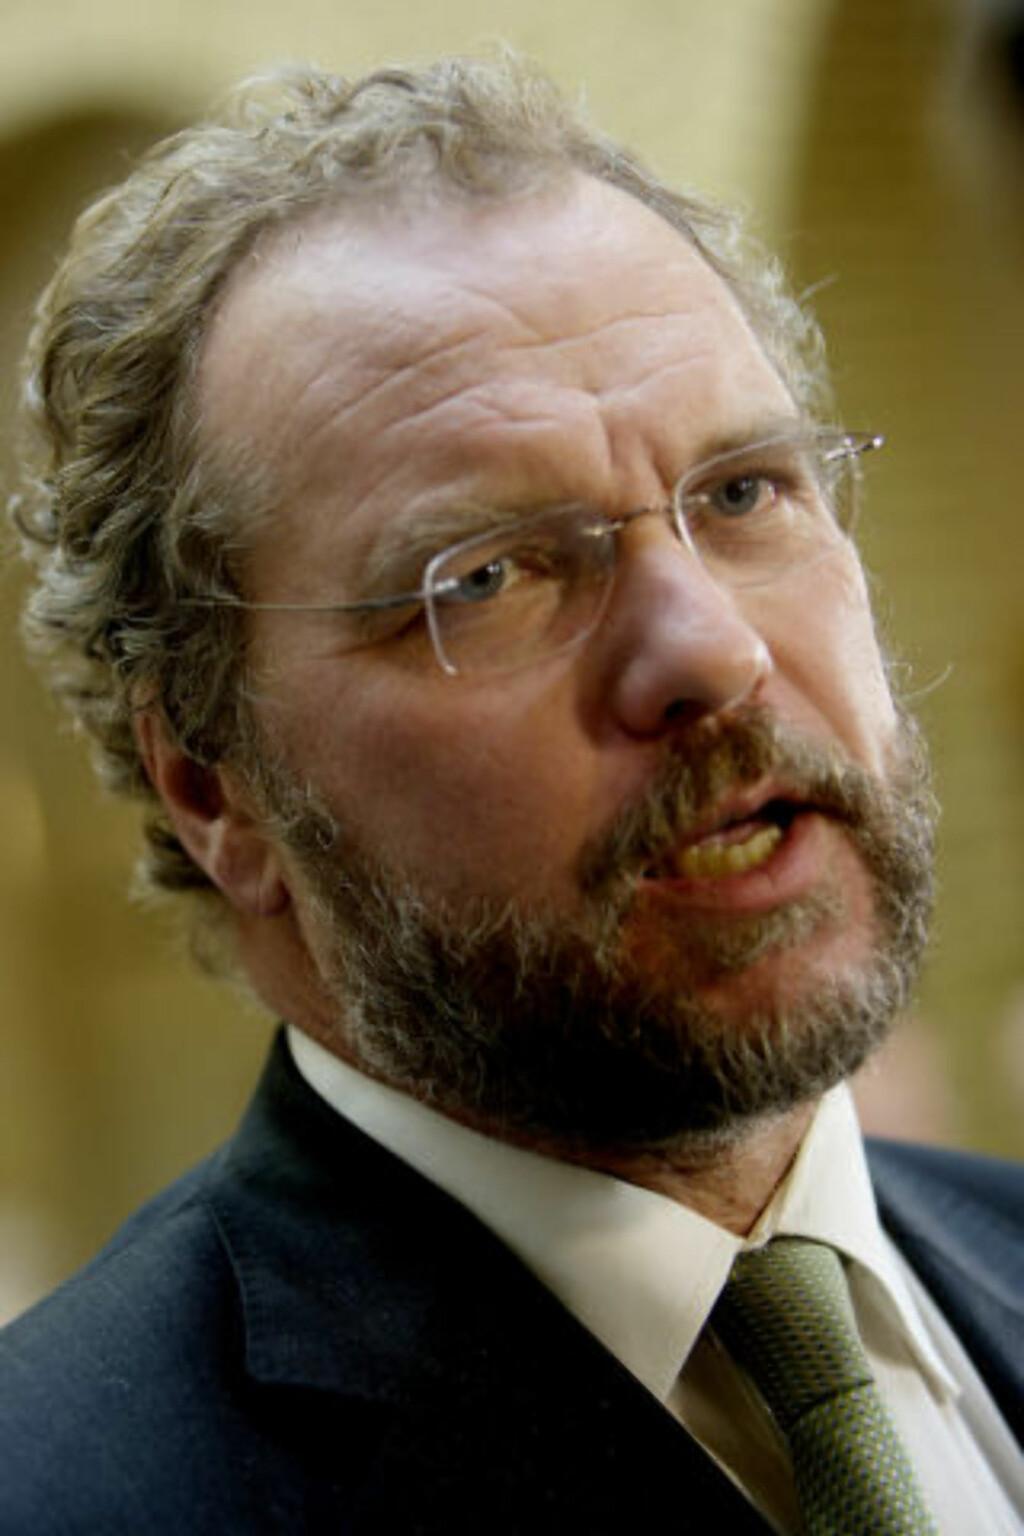 KRITISK: Lars Sponheim var i 2004 med på å gi penger til Human Rights Service, men han likte det ikke. FOTO: SCANPIX